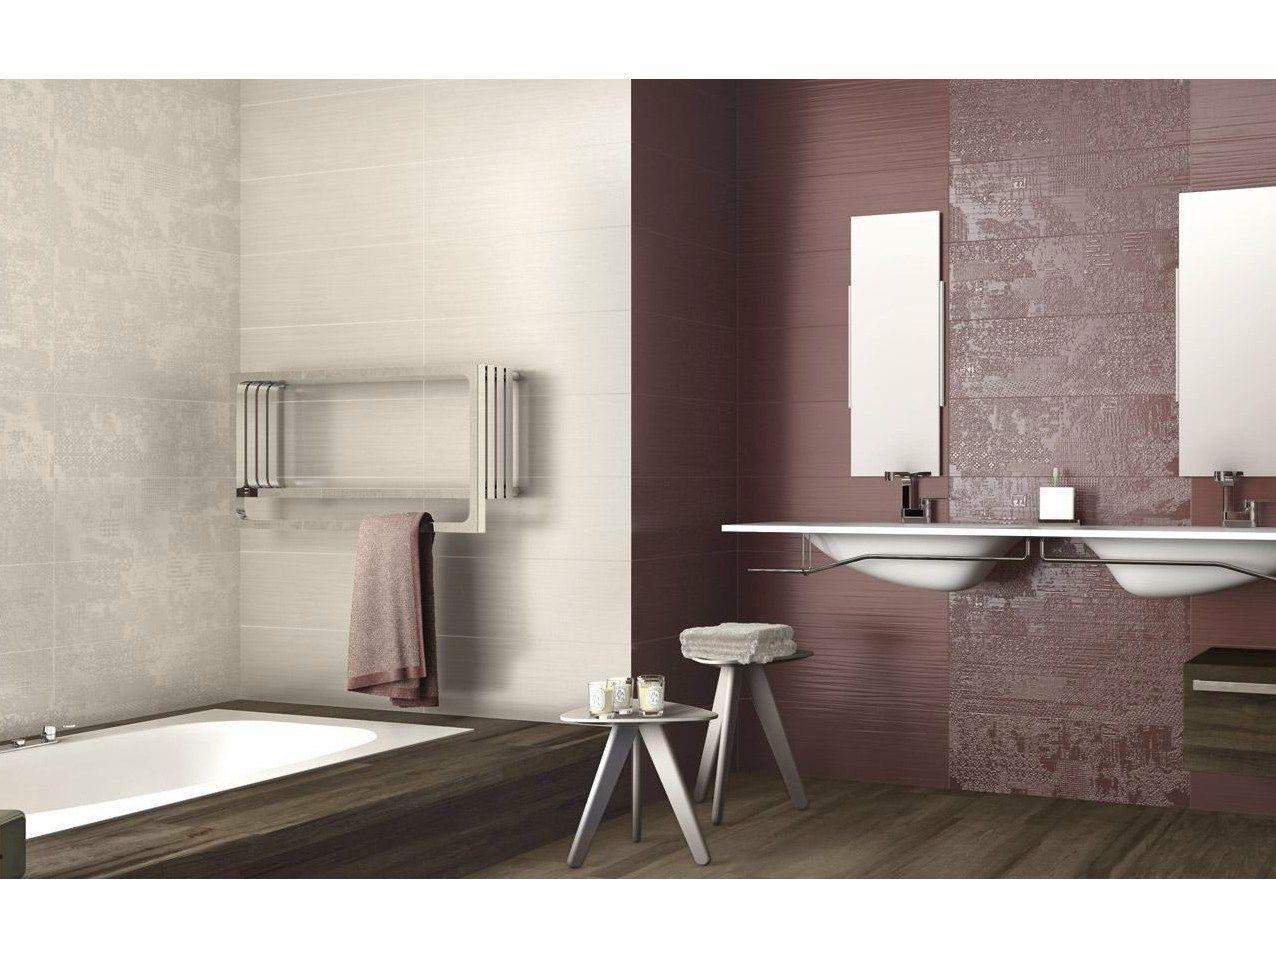 rivestimento in ceramica lace by ceramiche supergres. Black Bedroom Furniture Sets. Home Design Ideas